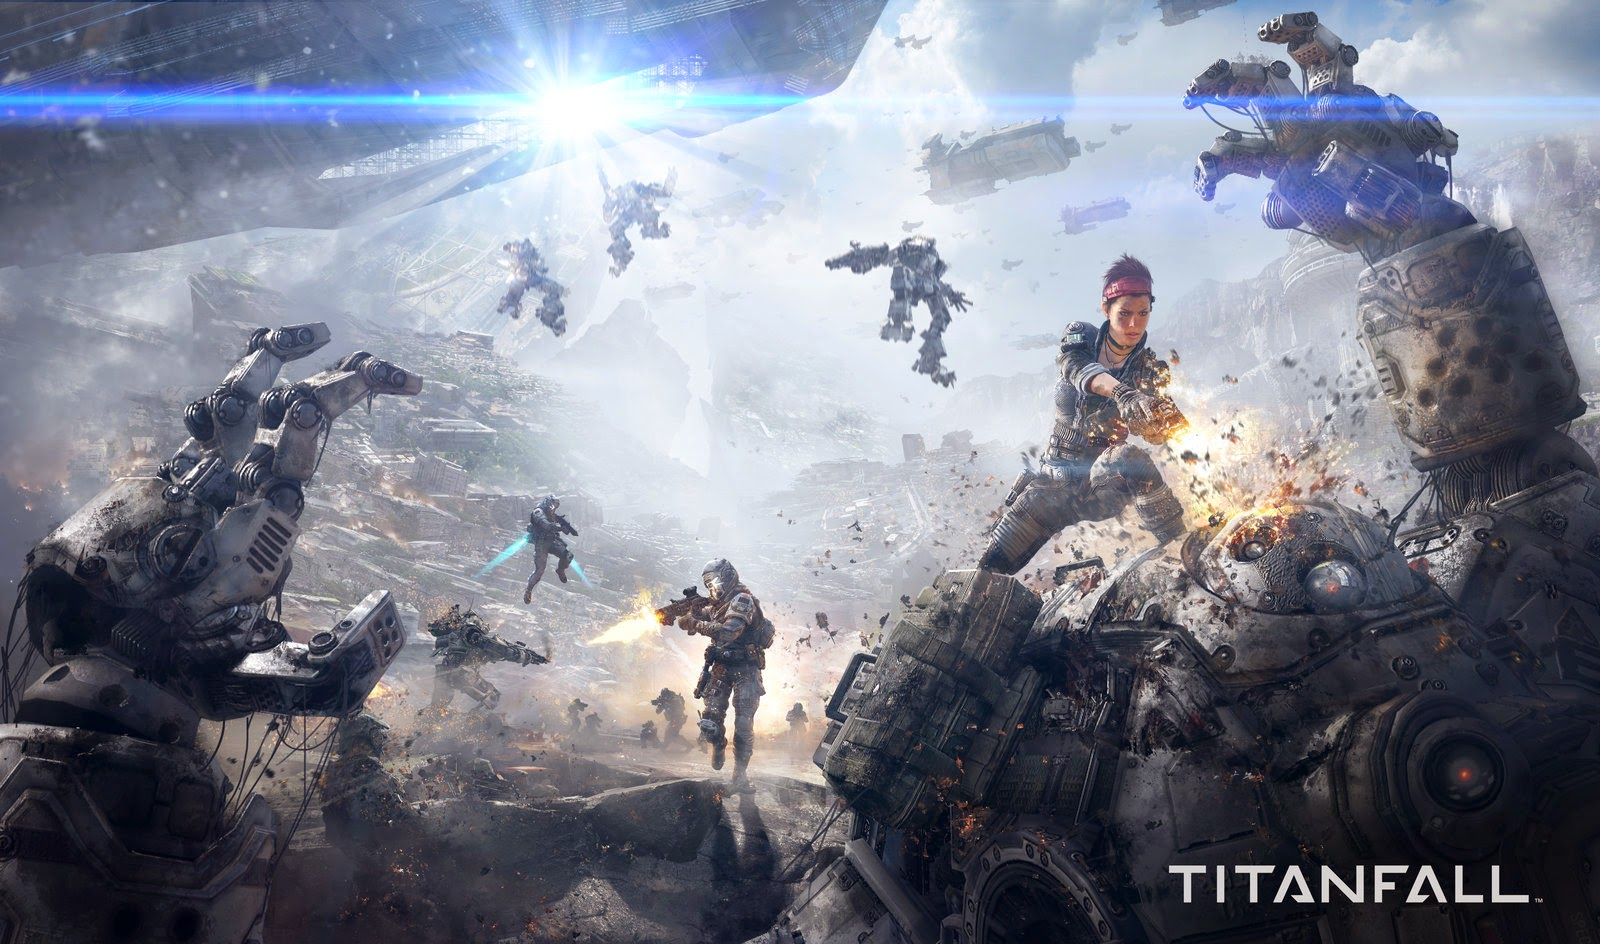 Daftar 50 Game Terbaru 2014 (PC, PS3, Xbox 360)